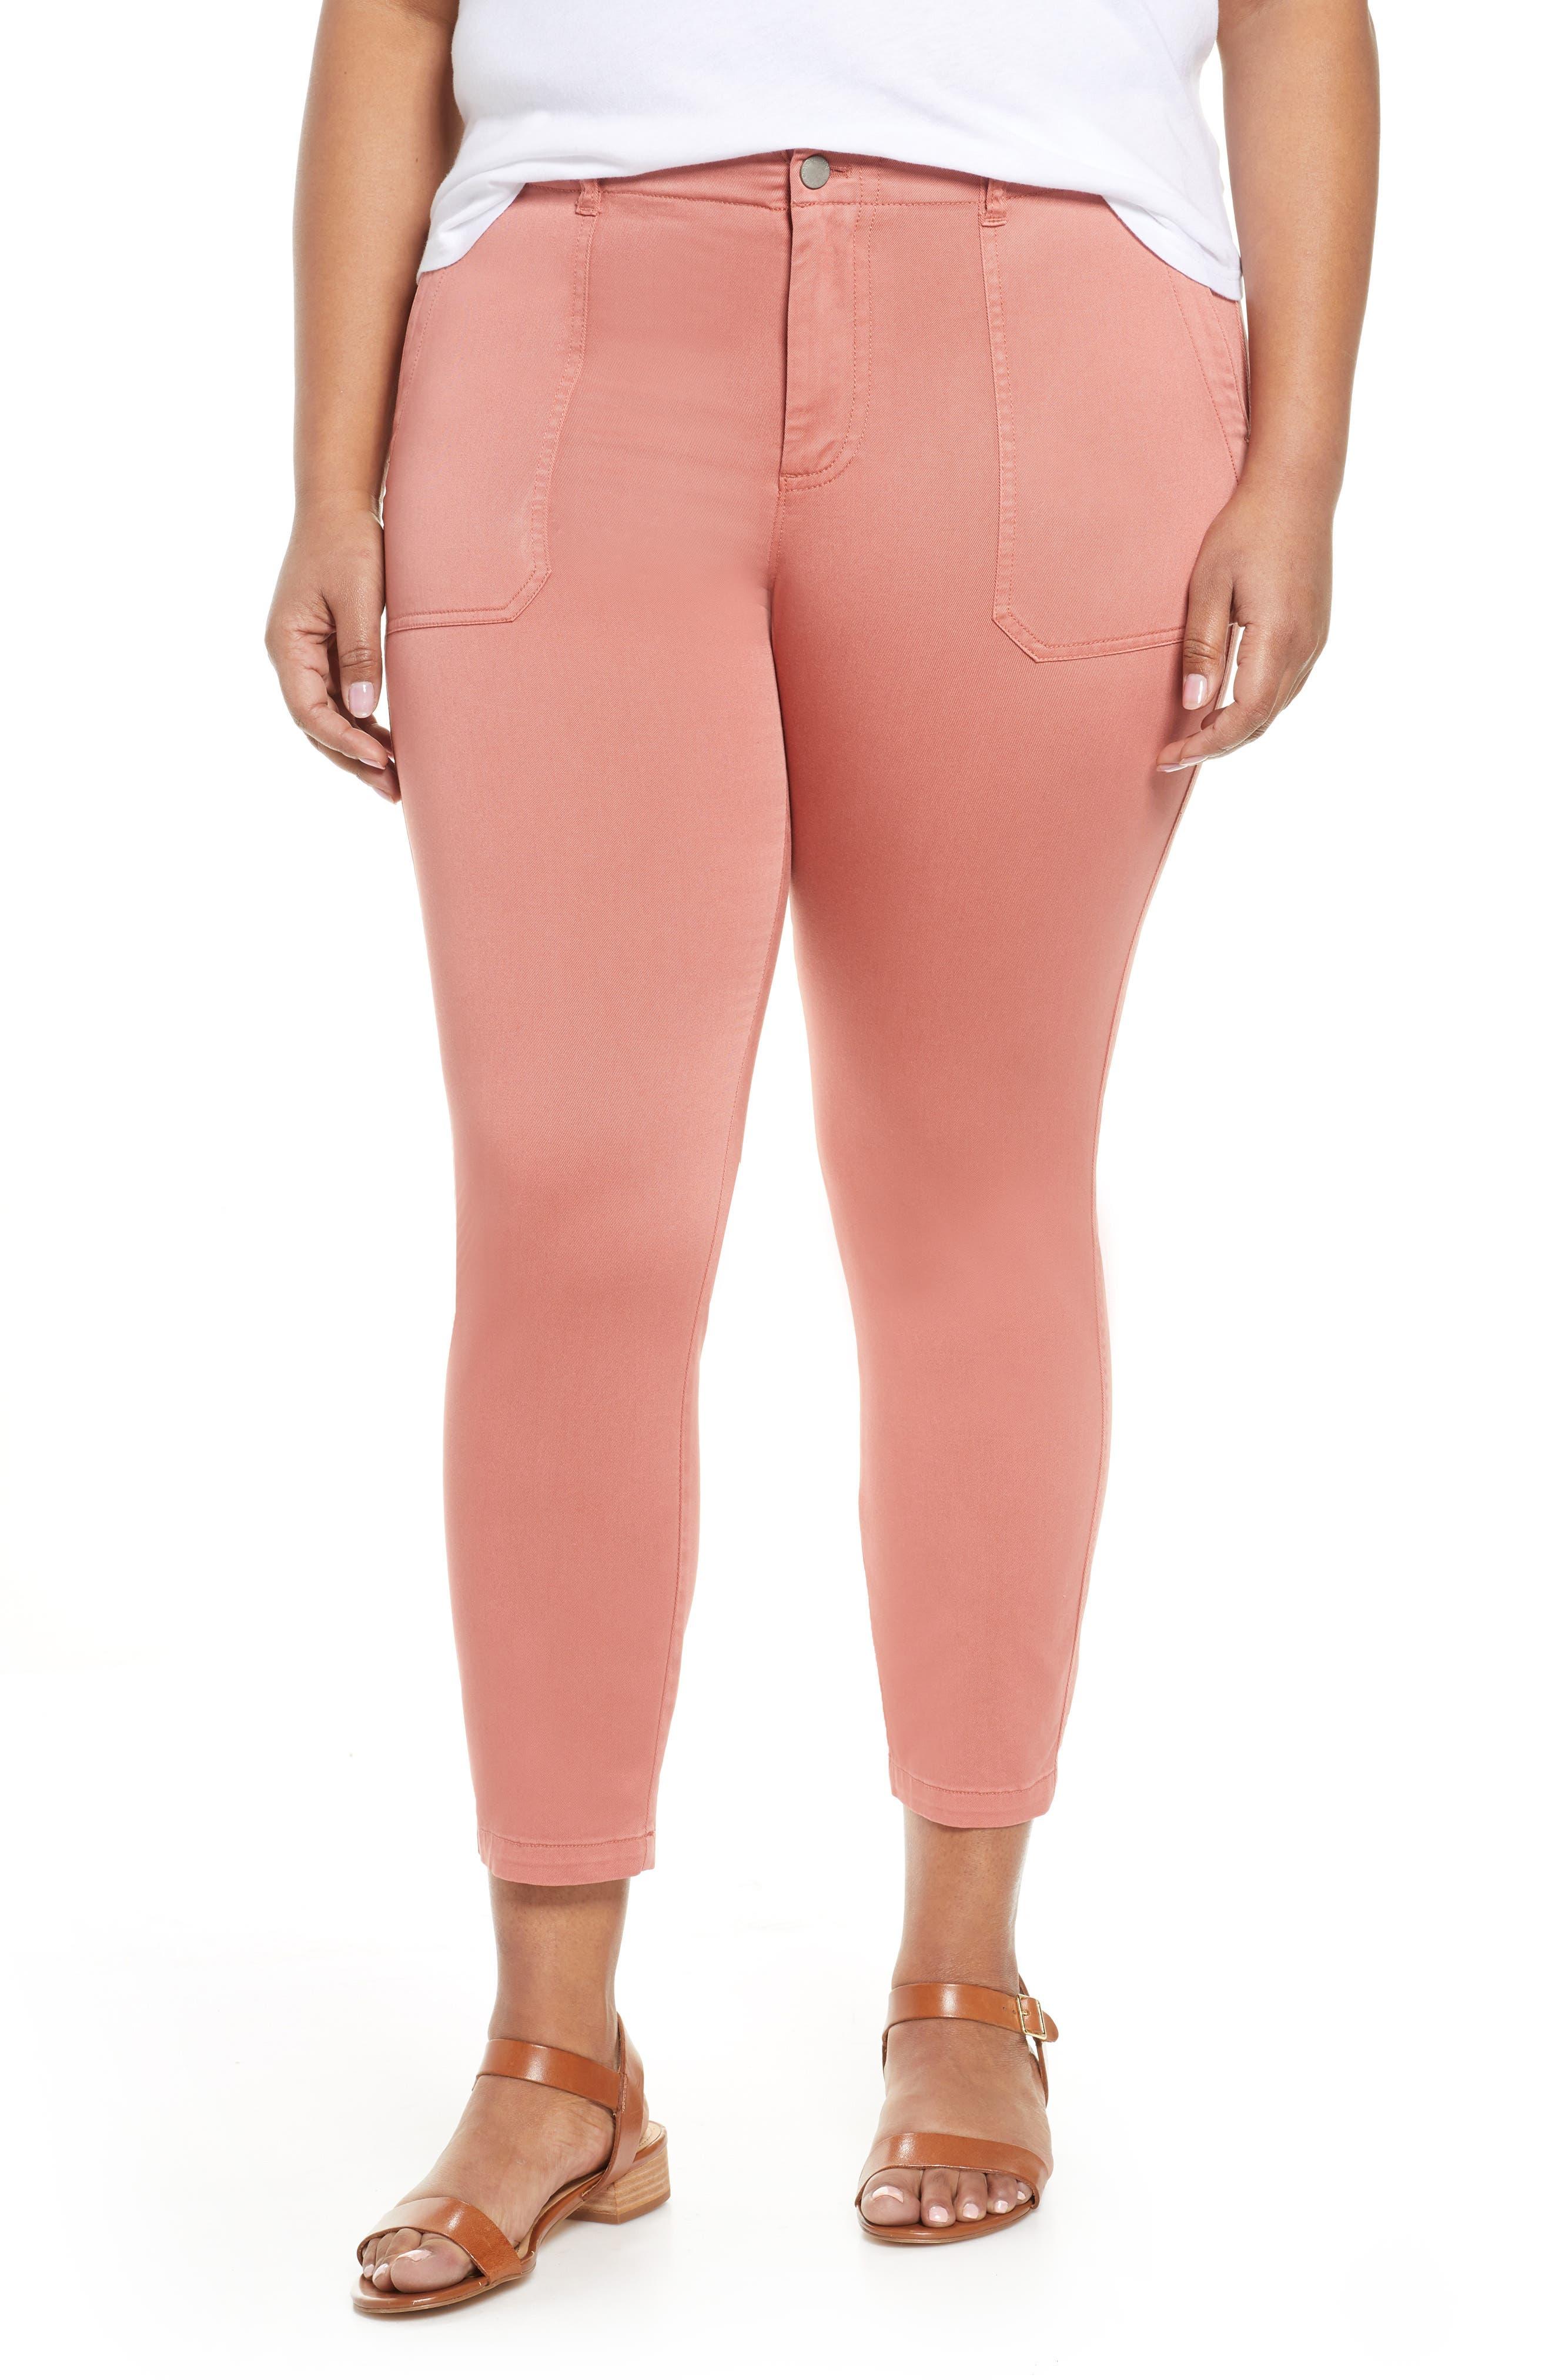 CaslonR Plus  Women's Caslon Crop Utility Pants,  24 - Pink